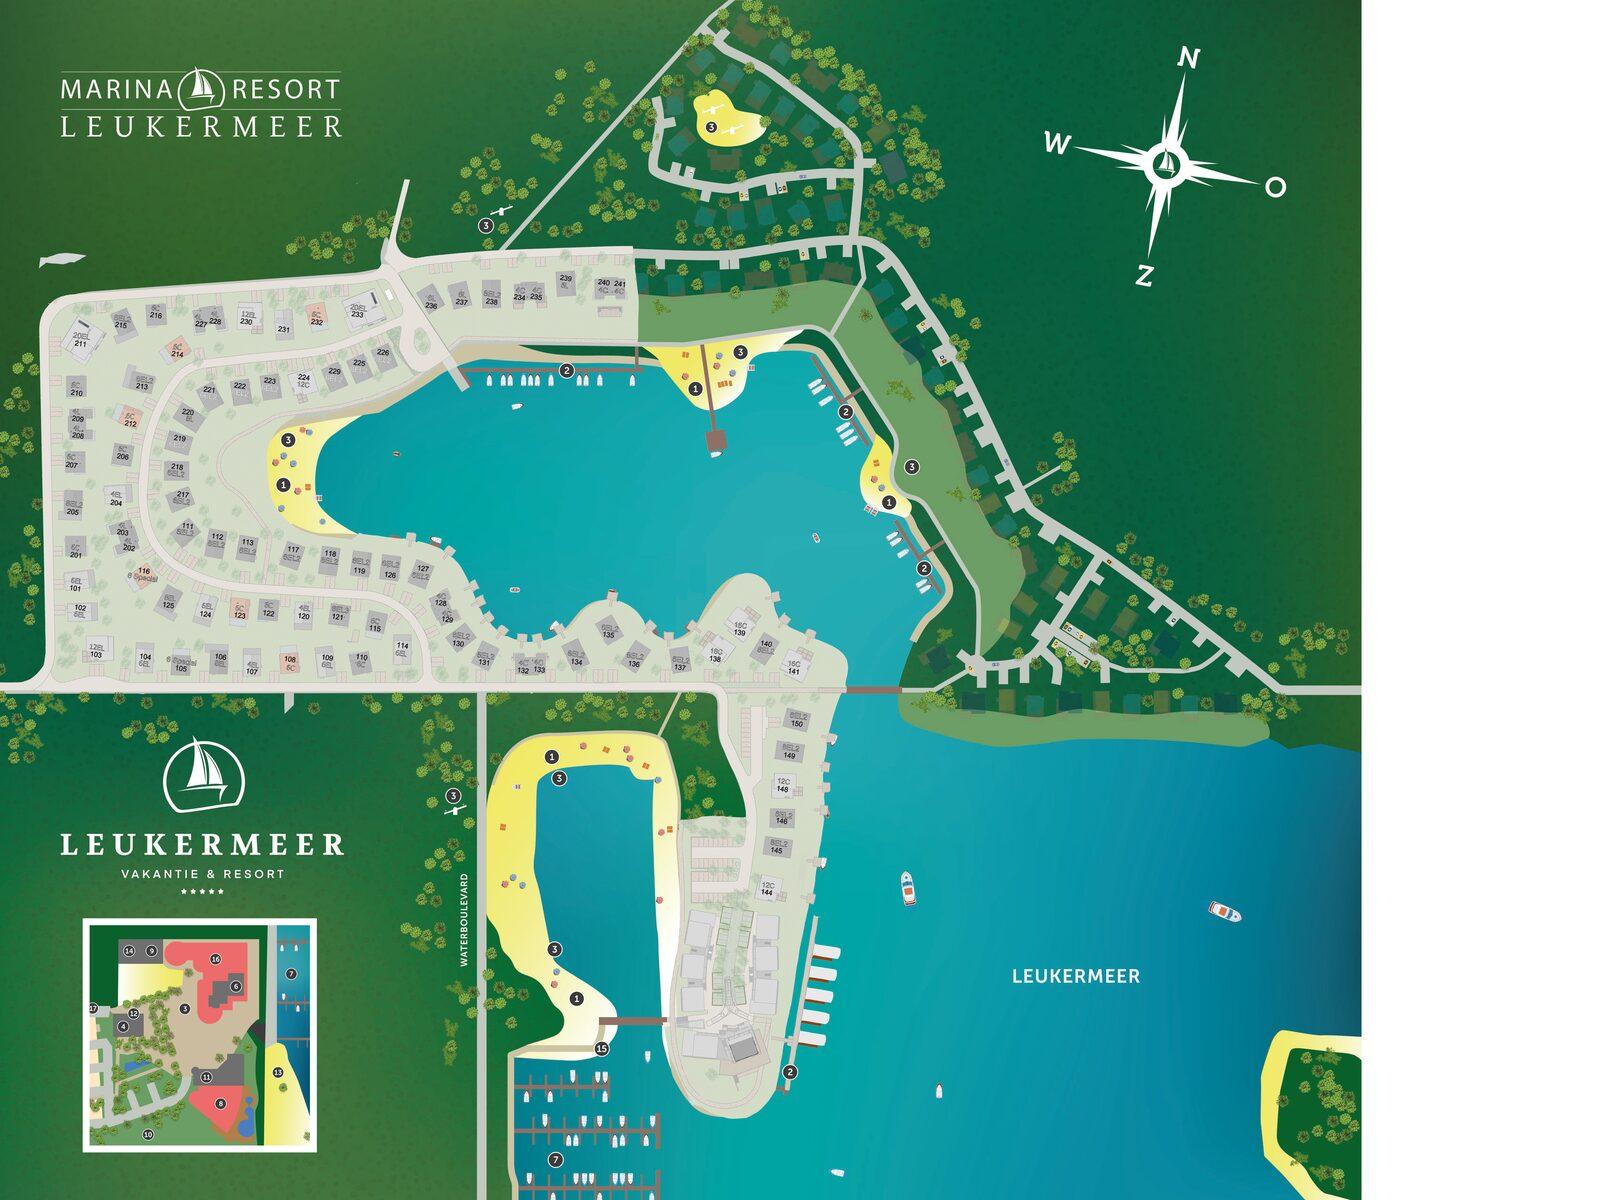 Karte des Resorts